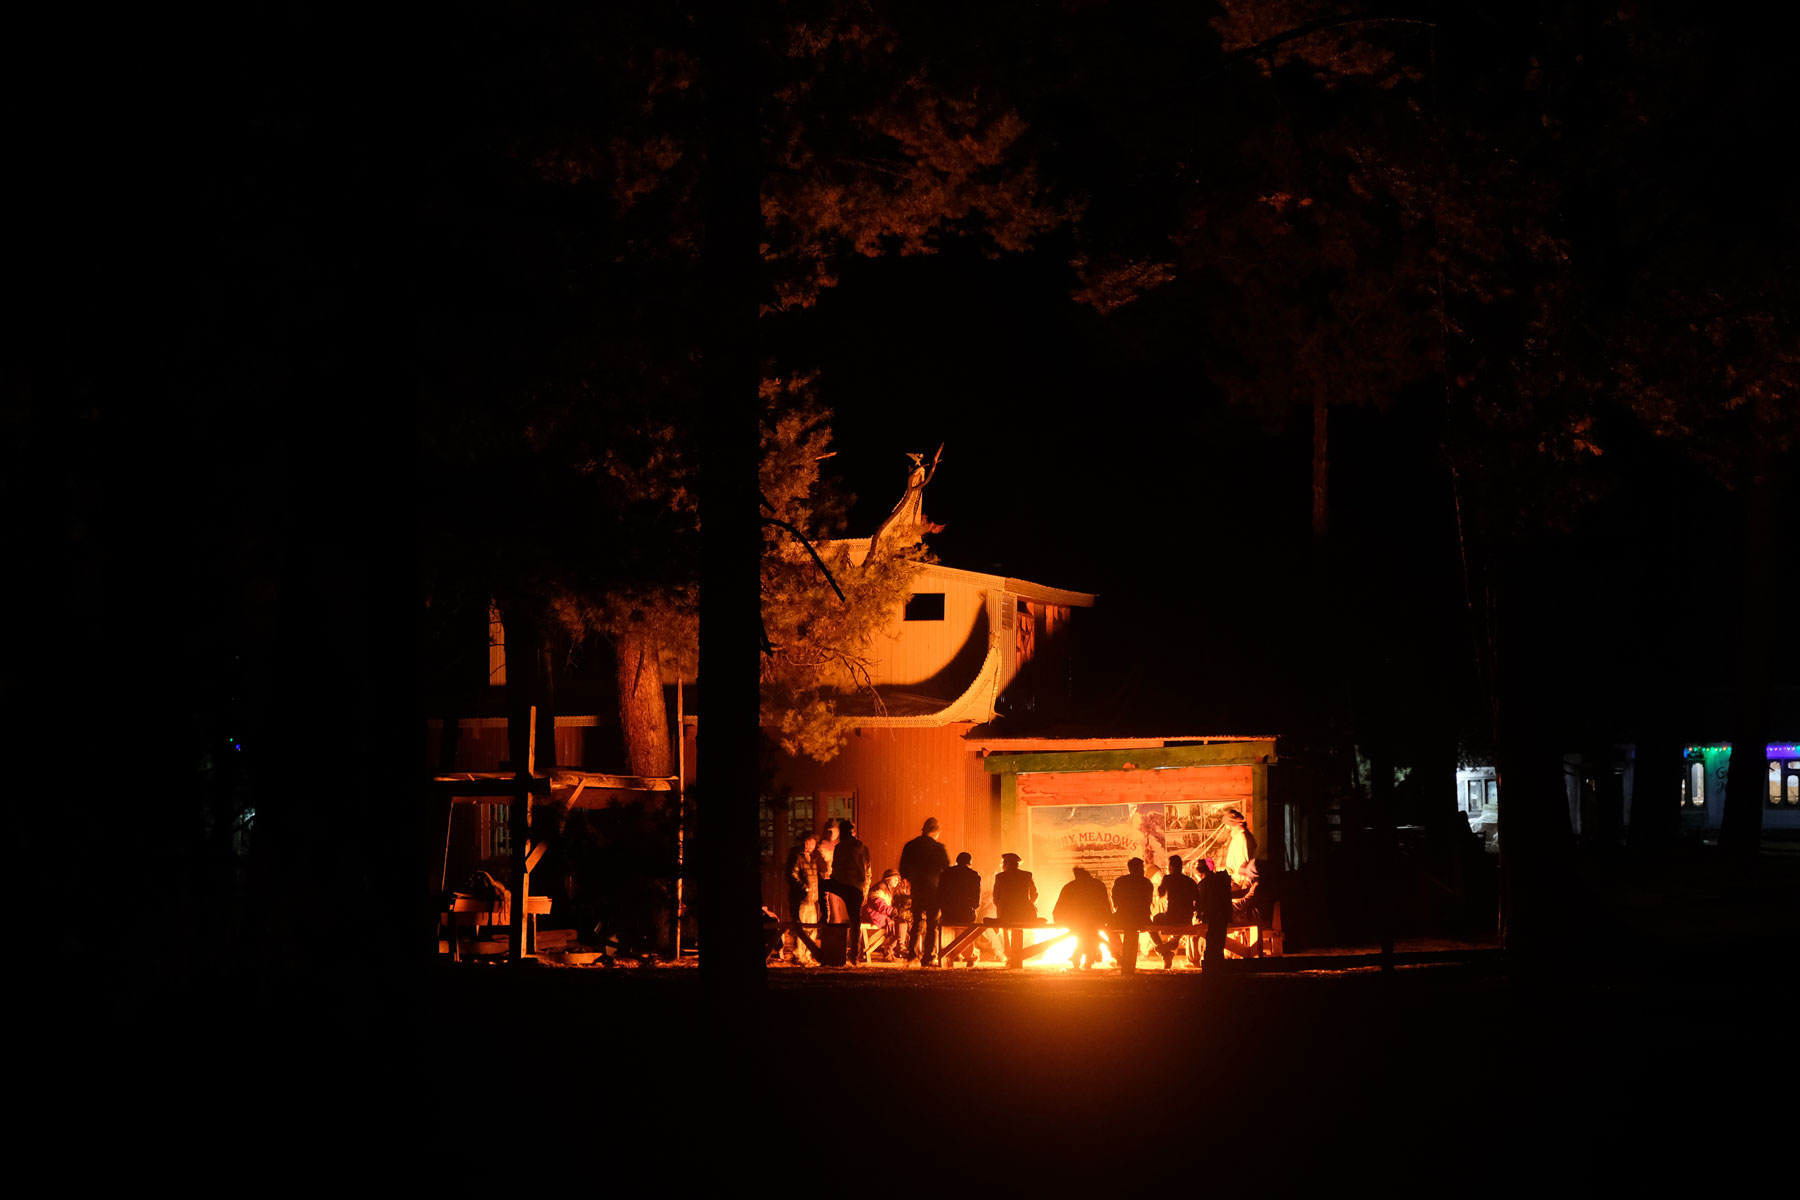 Blick zurück auf einen netten Abend. Uns wird's trotz Feuer zu kalt.